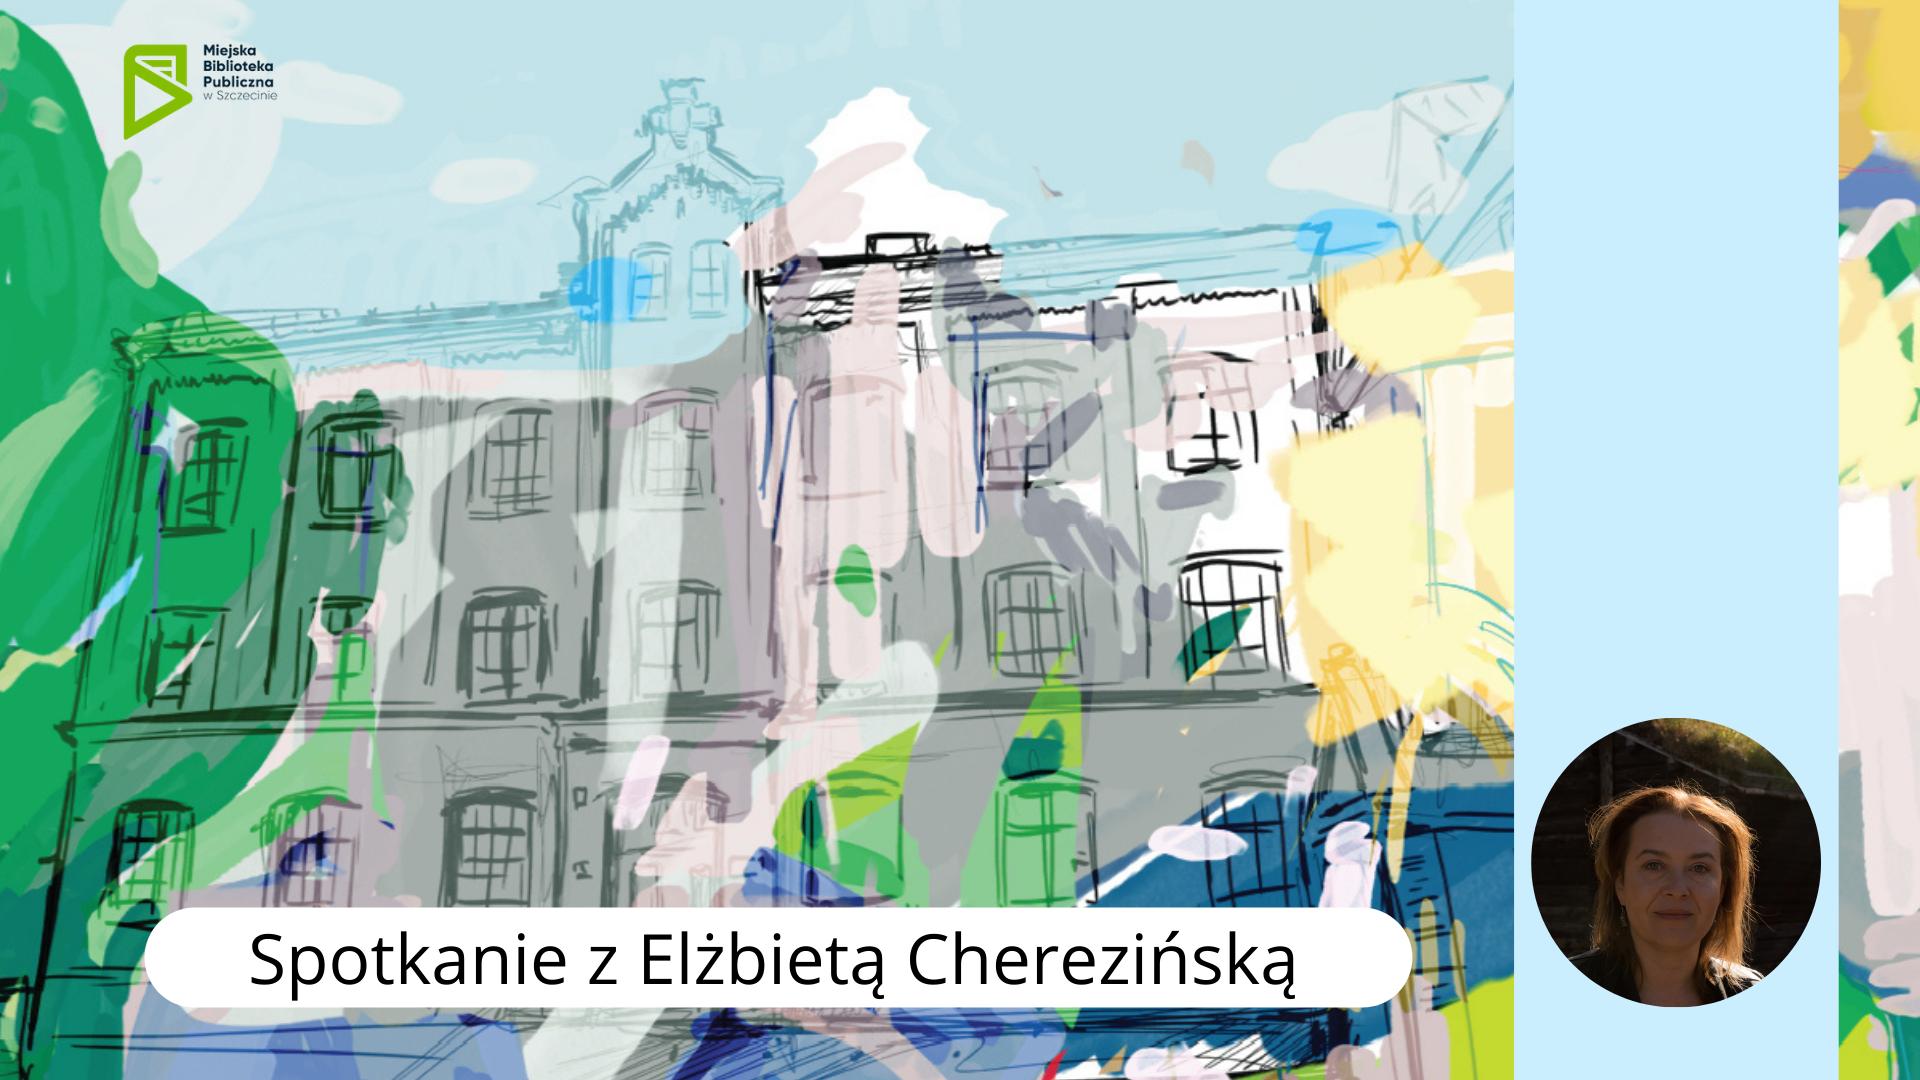 Spotkanie z Elżbietą Cherezińską